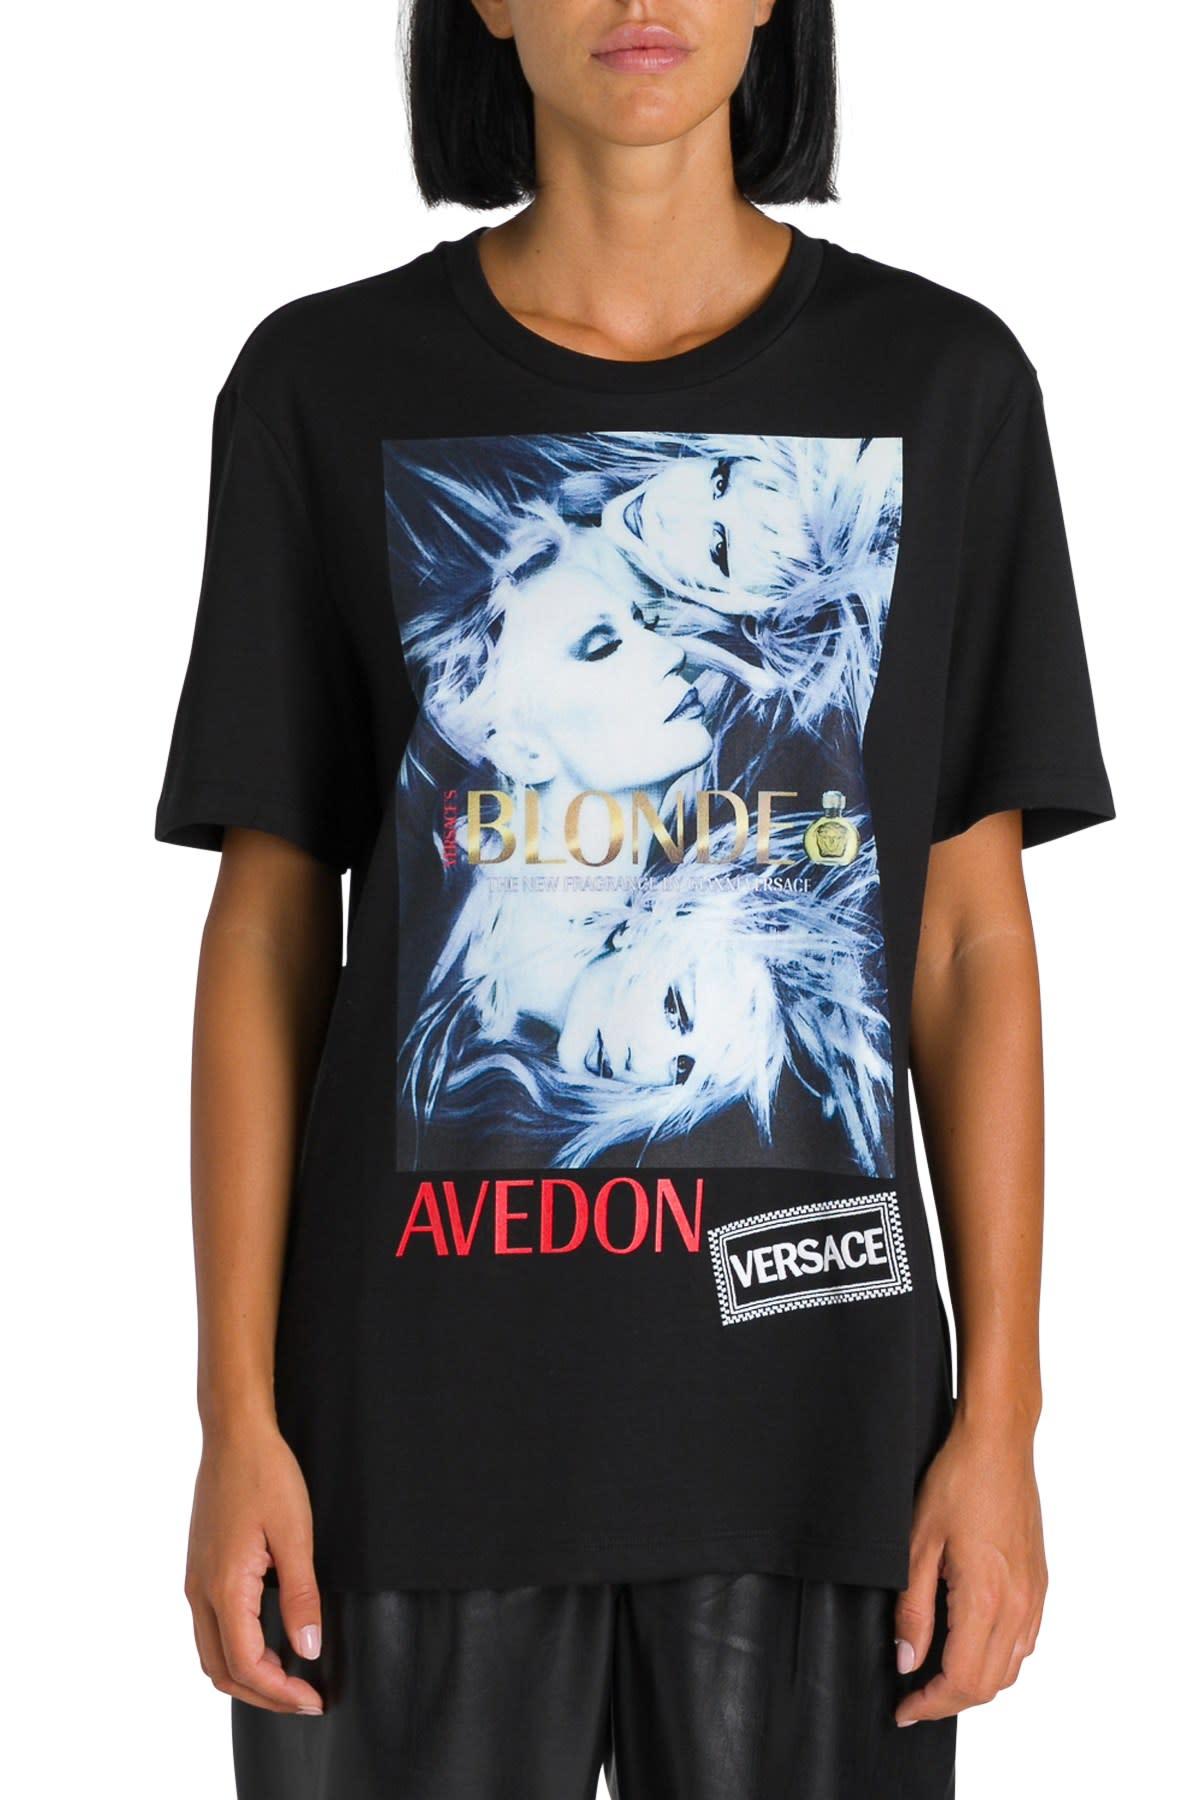 Versace Avedono X Versace Tee